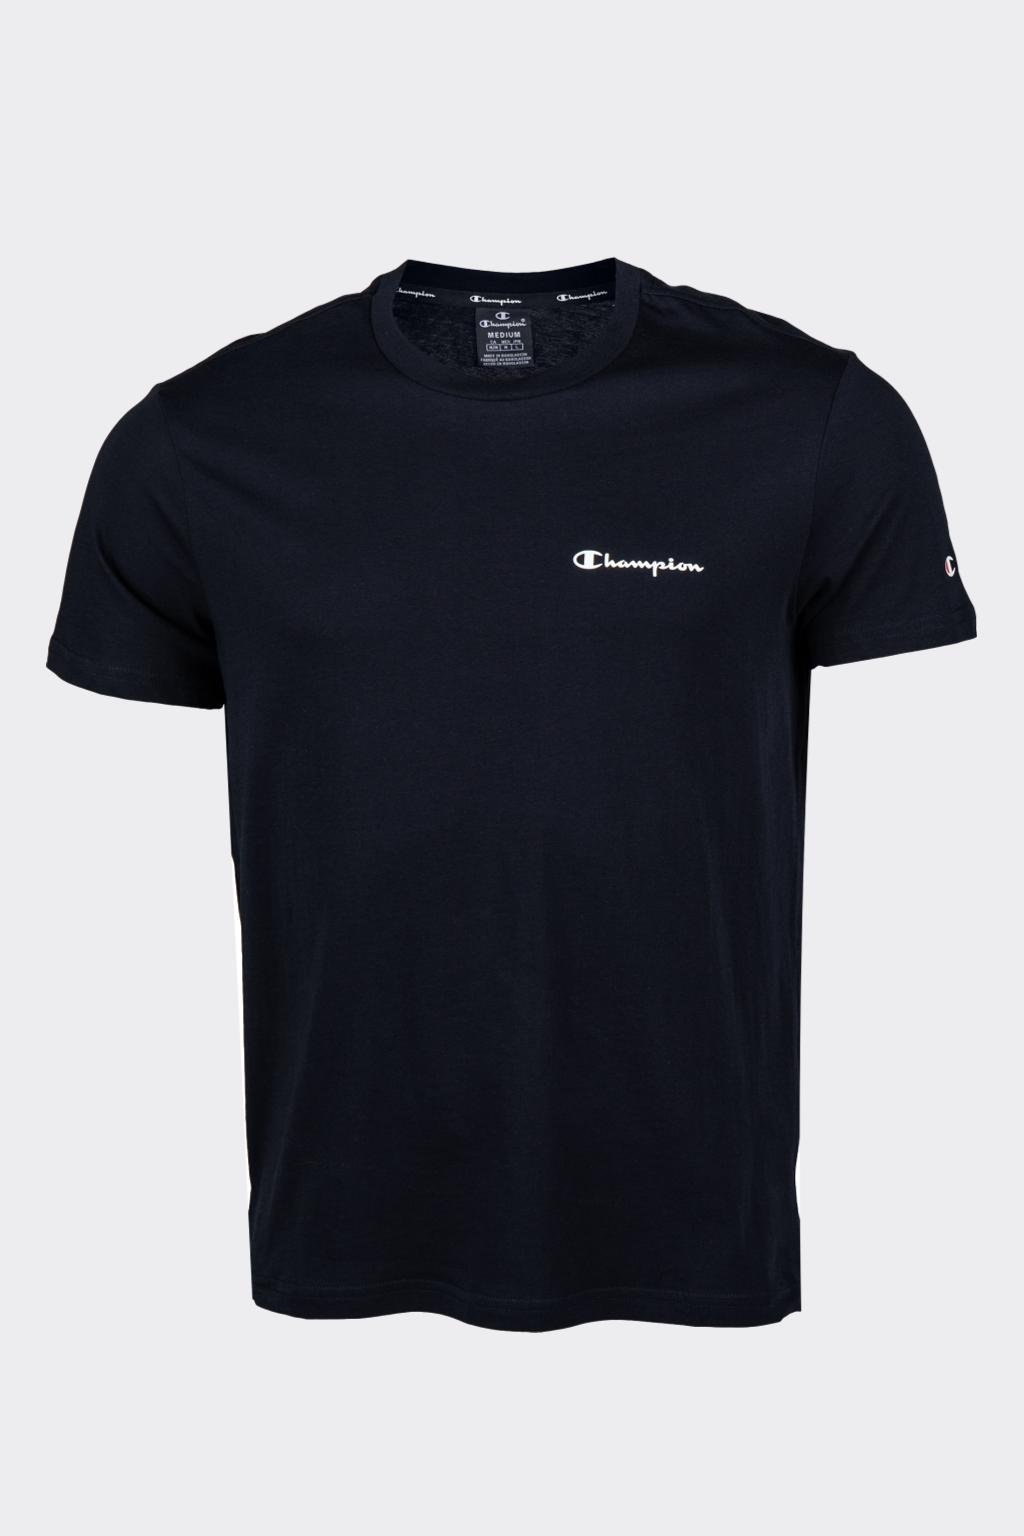 Champion pánské tričko s logem - černé